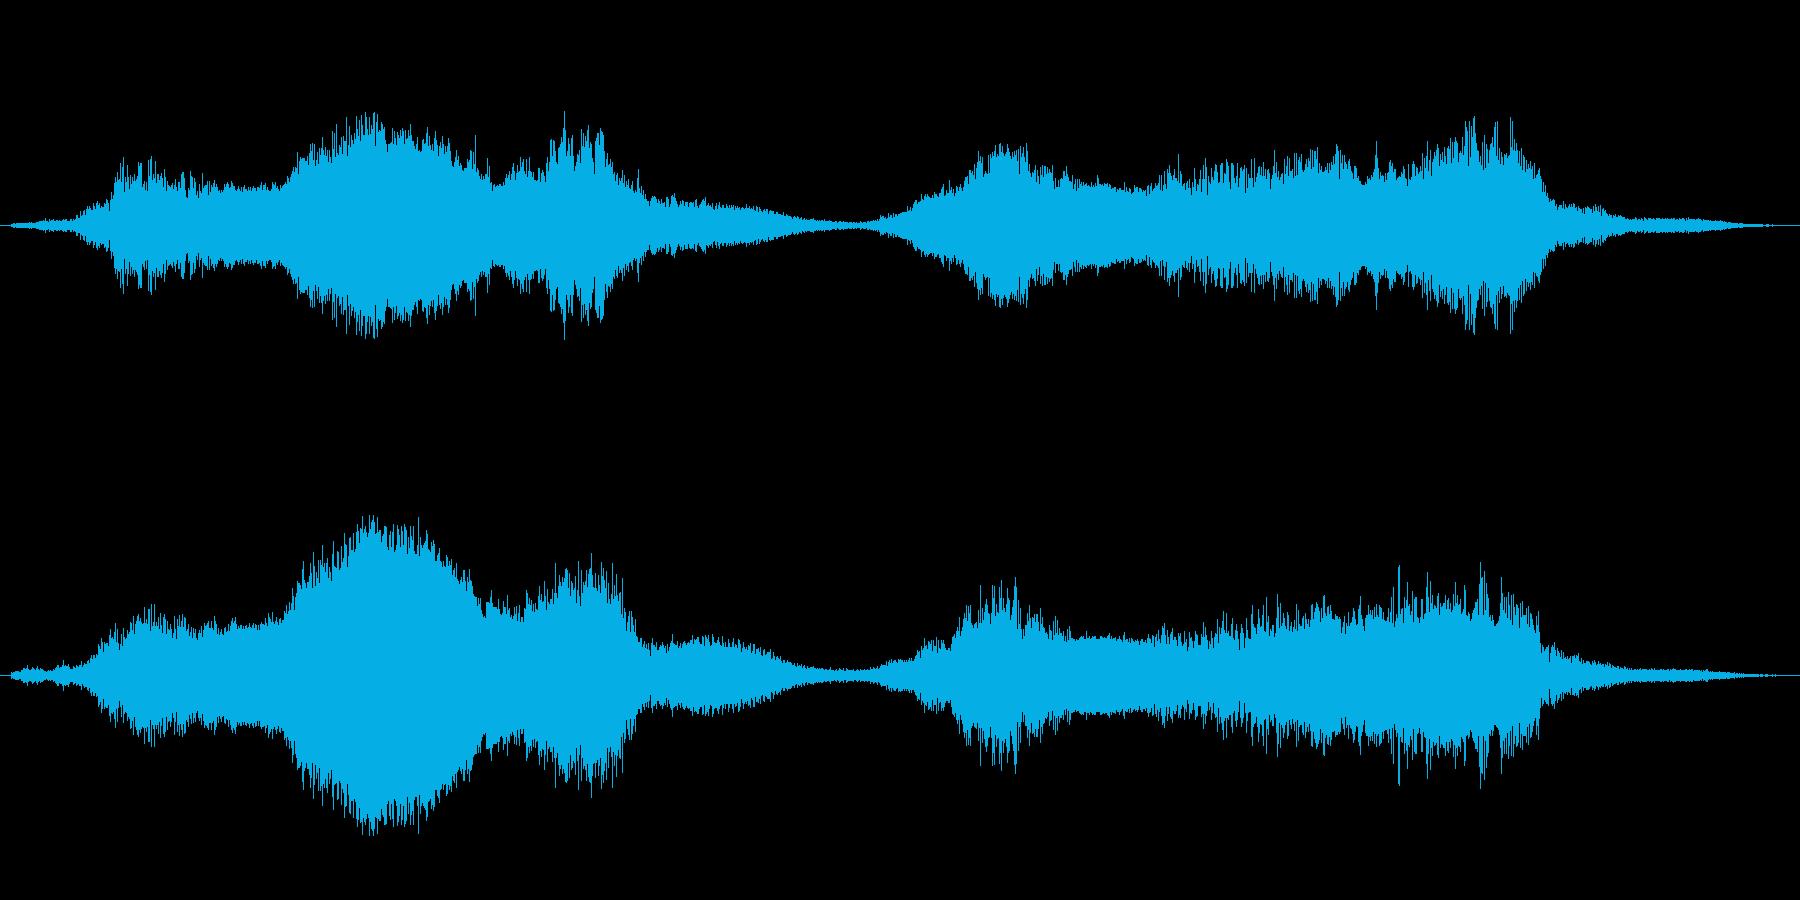 水底・下水・川底のイメージ音 ループ可の再生済みの波形